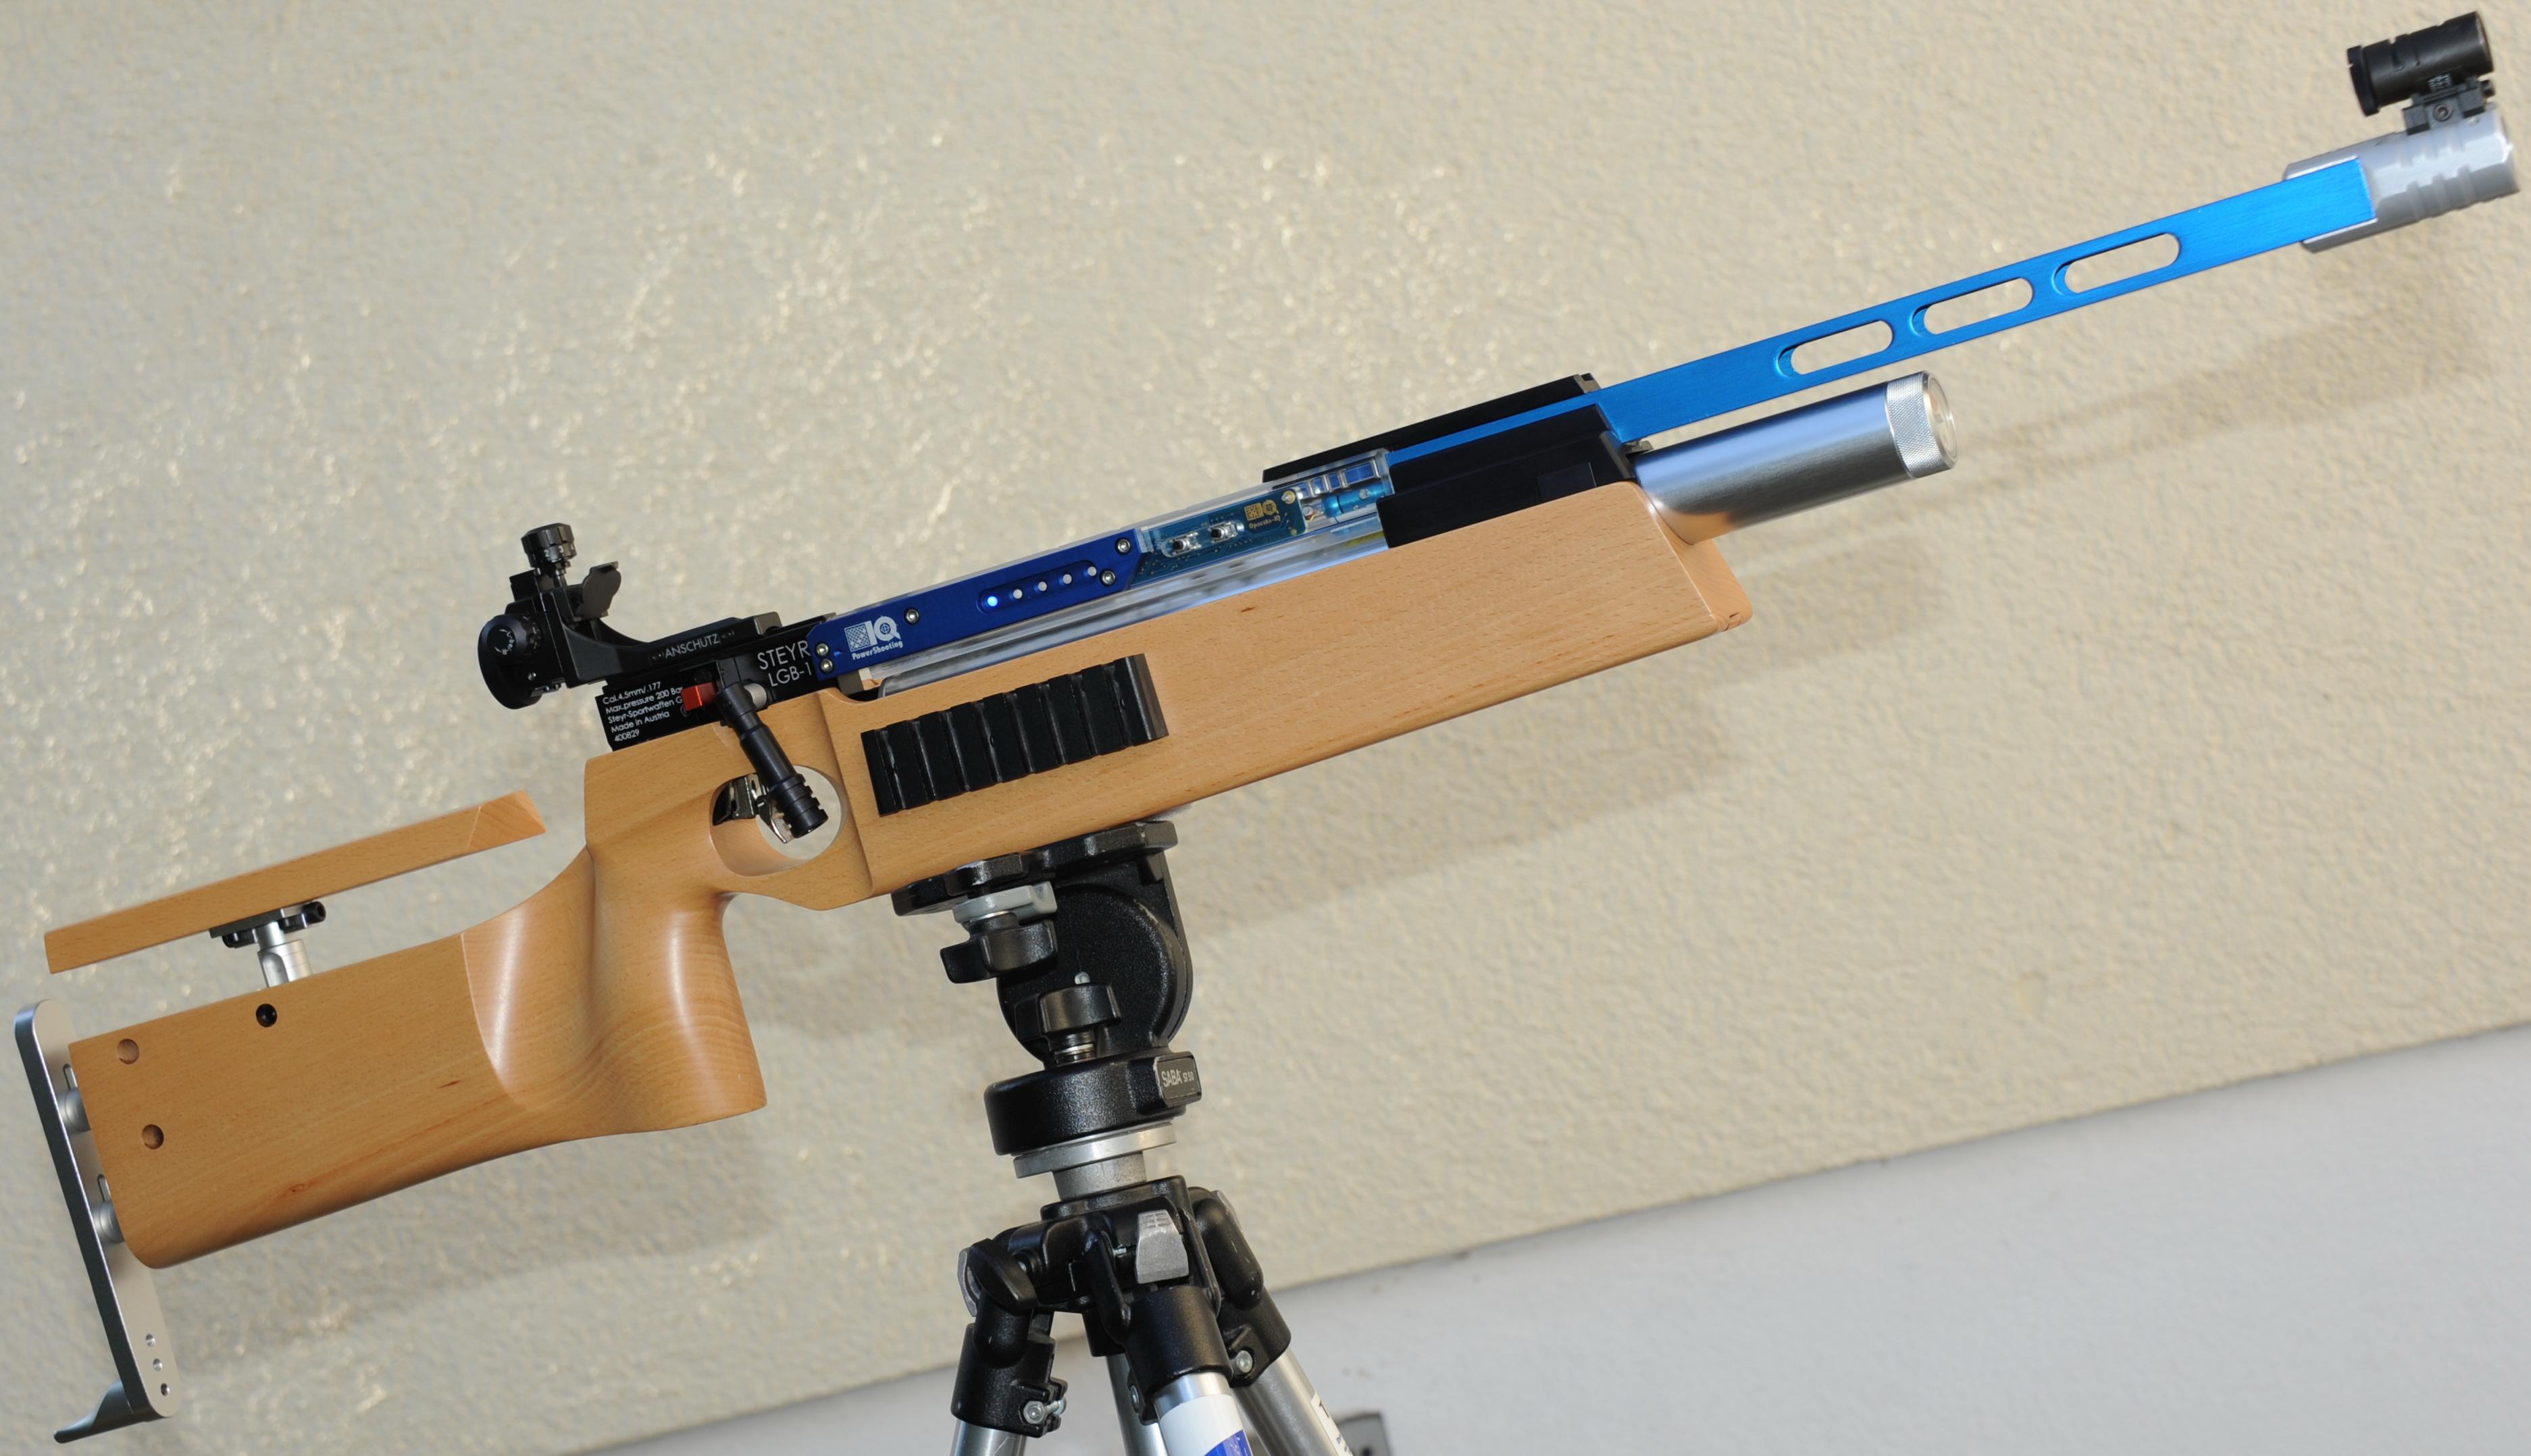 Biathlongewehr LGB 1